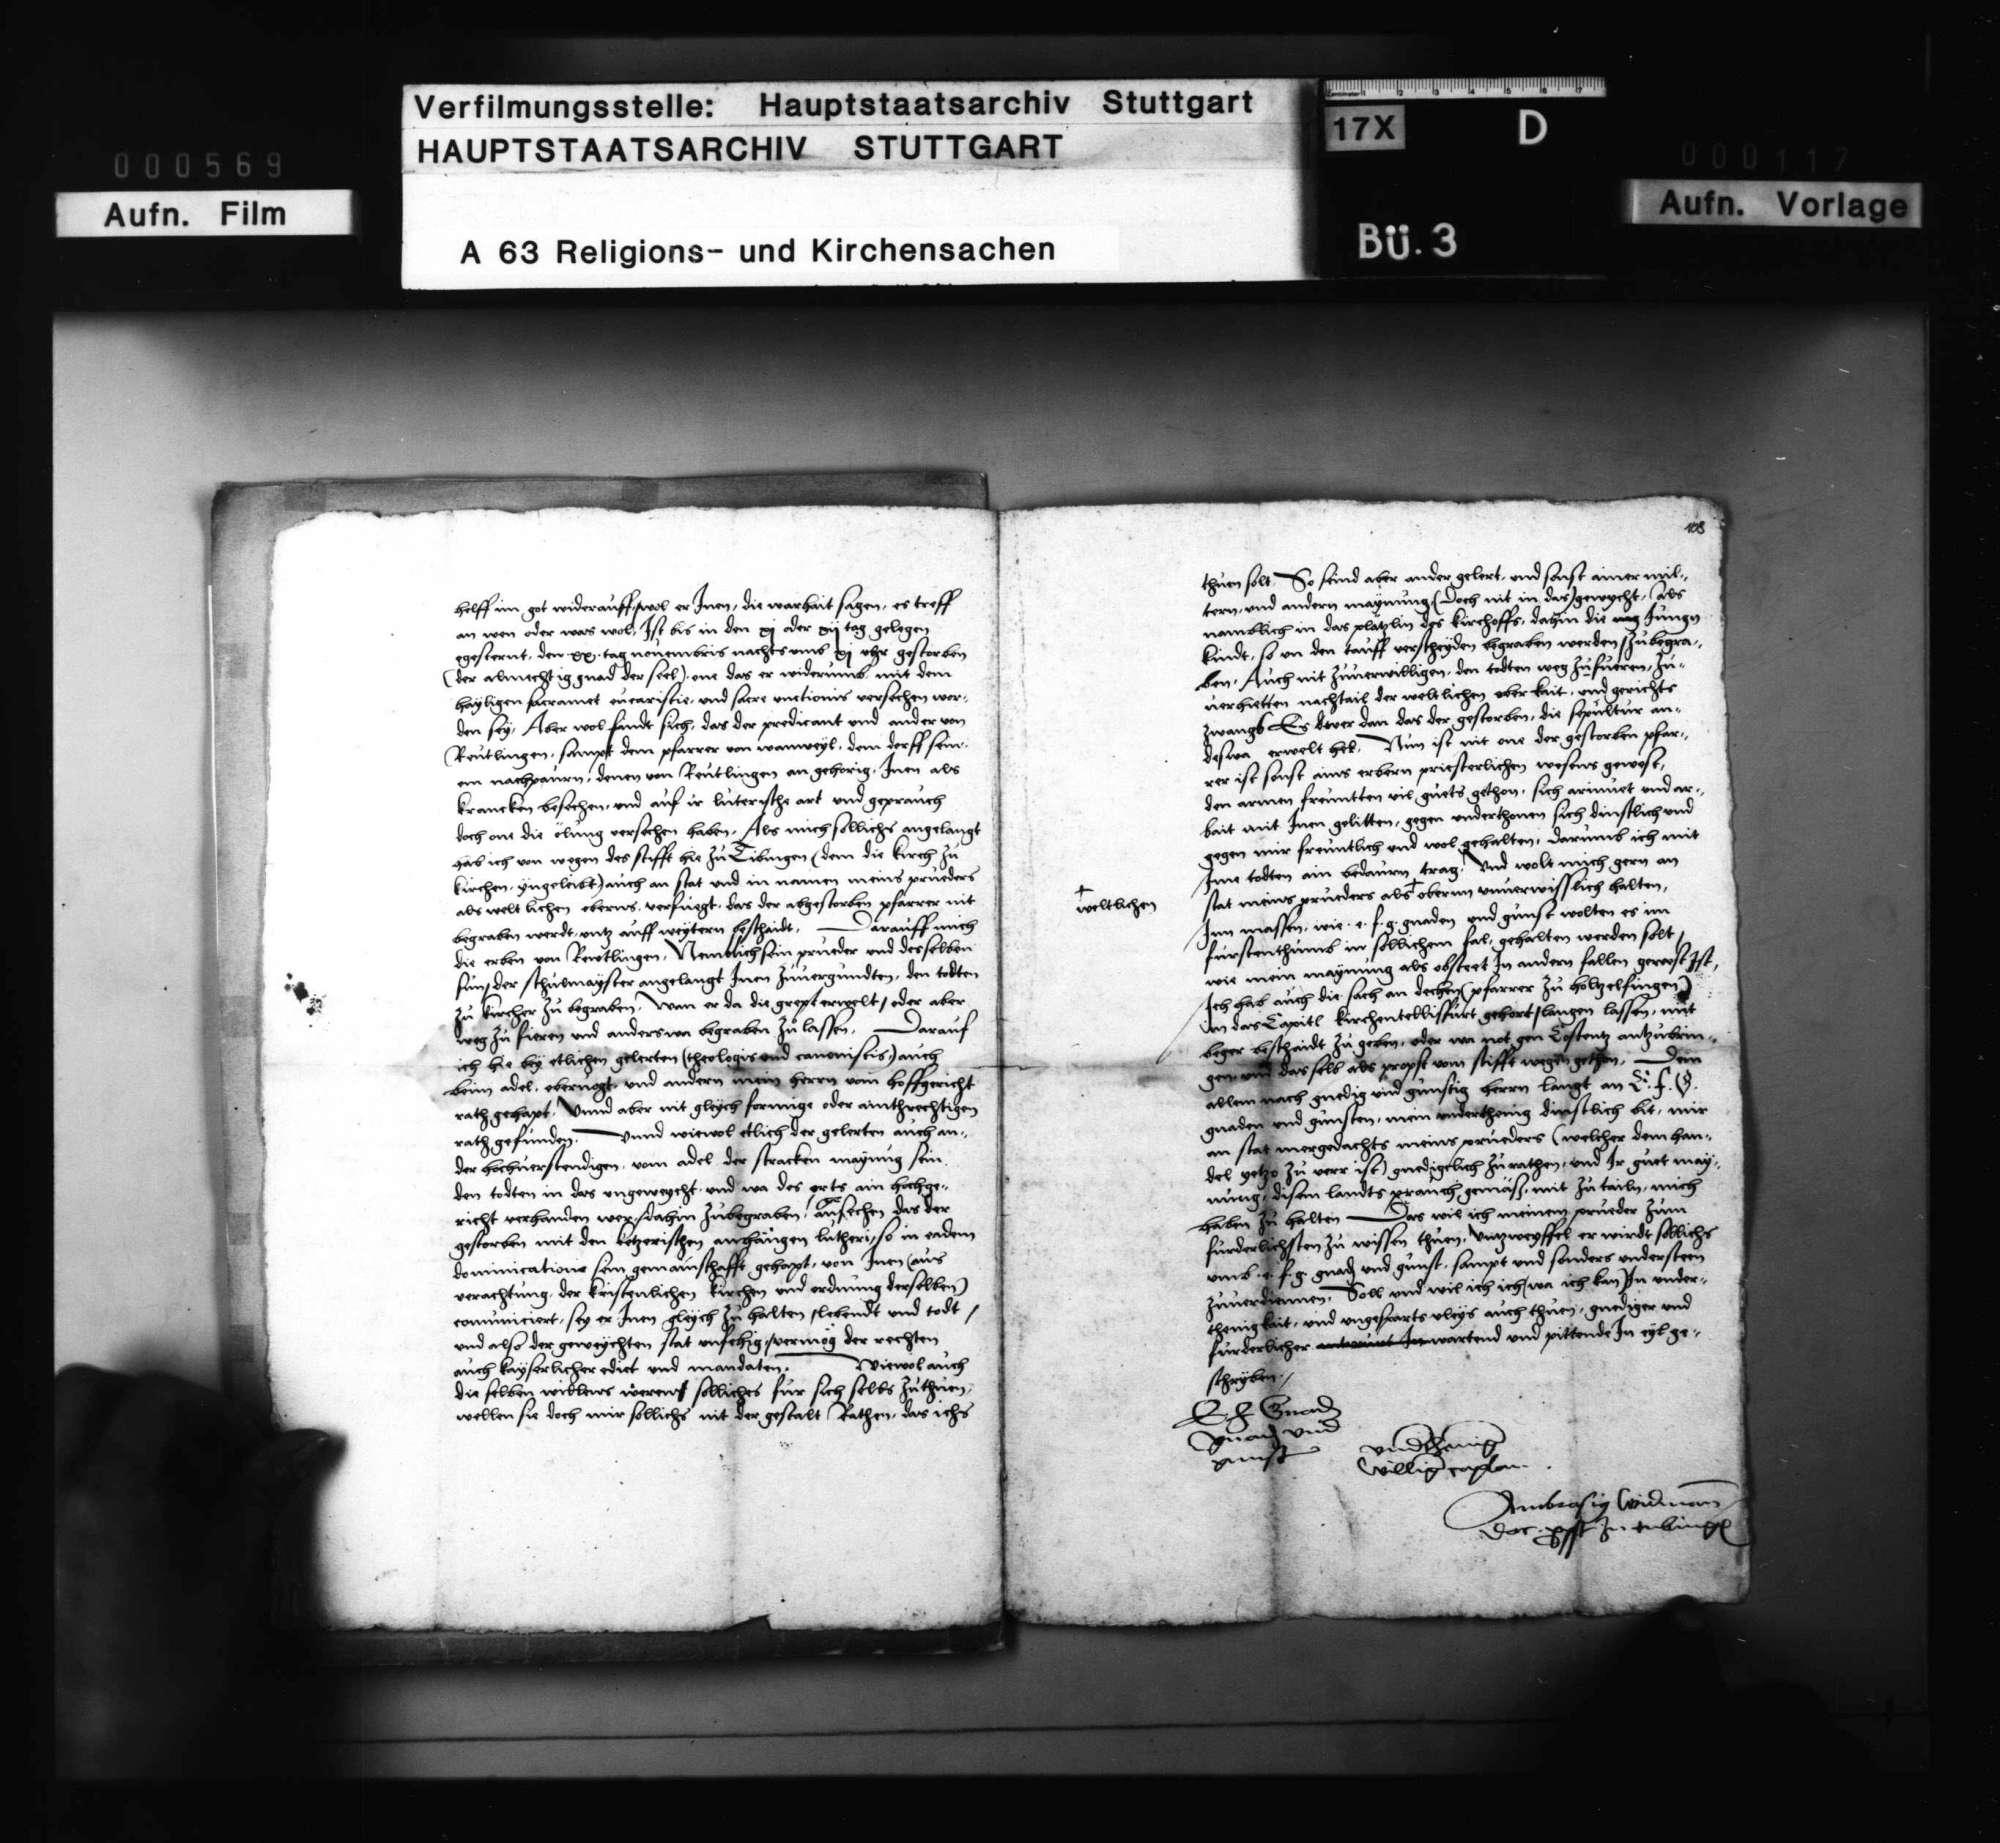 Anfrage des Propsts zu Tübingen mit Antwort, ob er den verstorbenen Pfarrer zu Kirchentellinsfurt, weil er der Religion halber verdächtig, in das geweihte Erdreich begraben solle, Bild 2